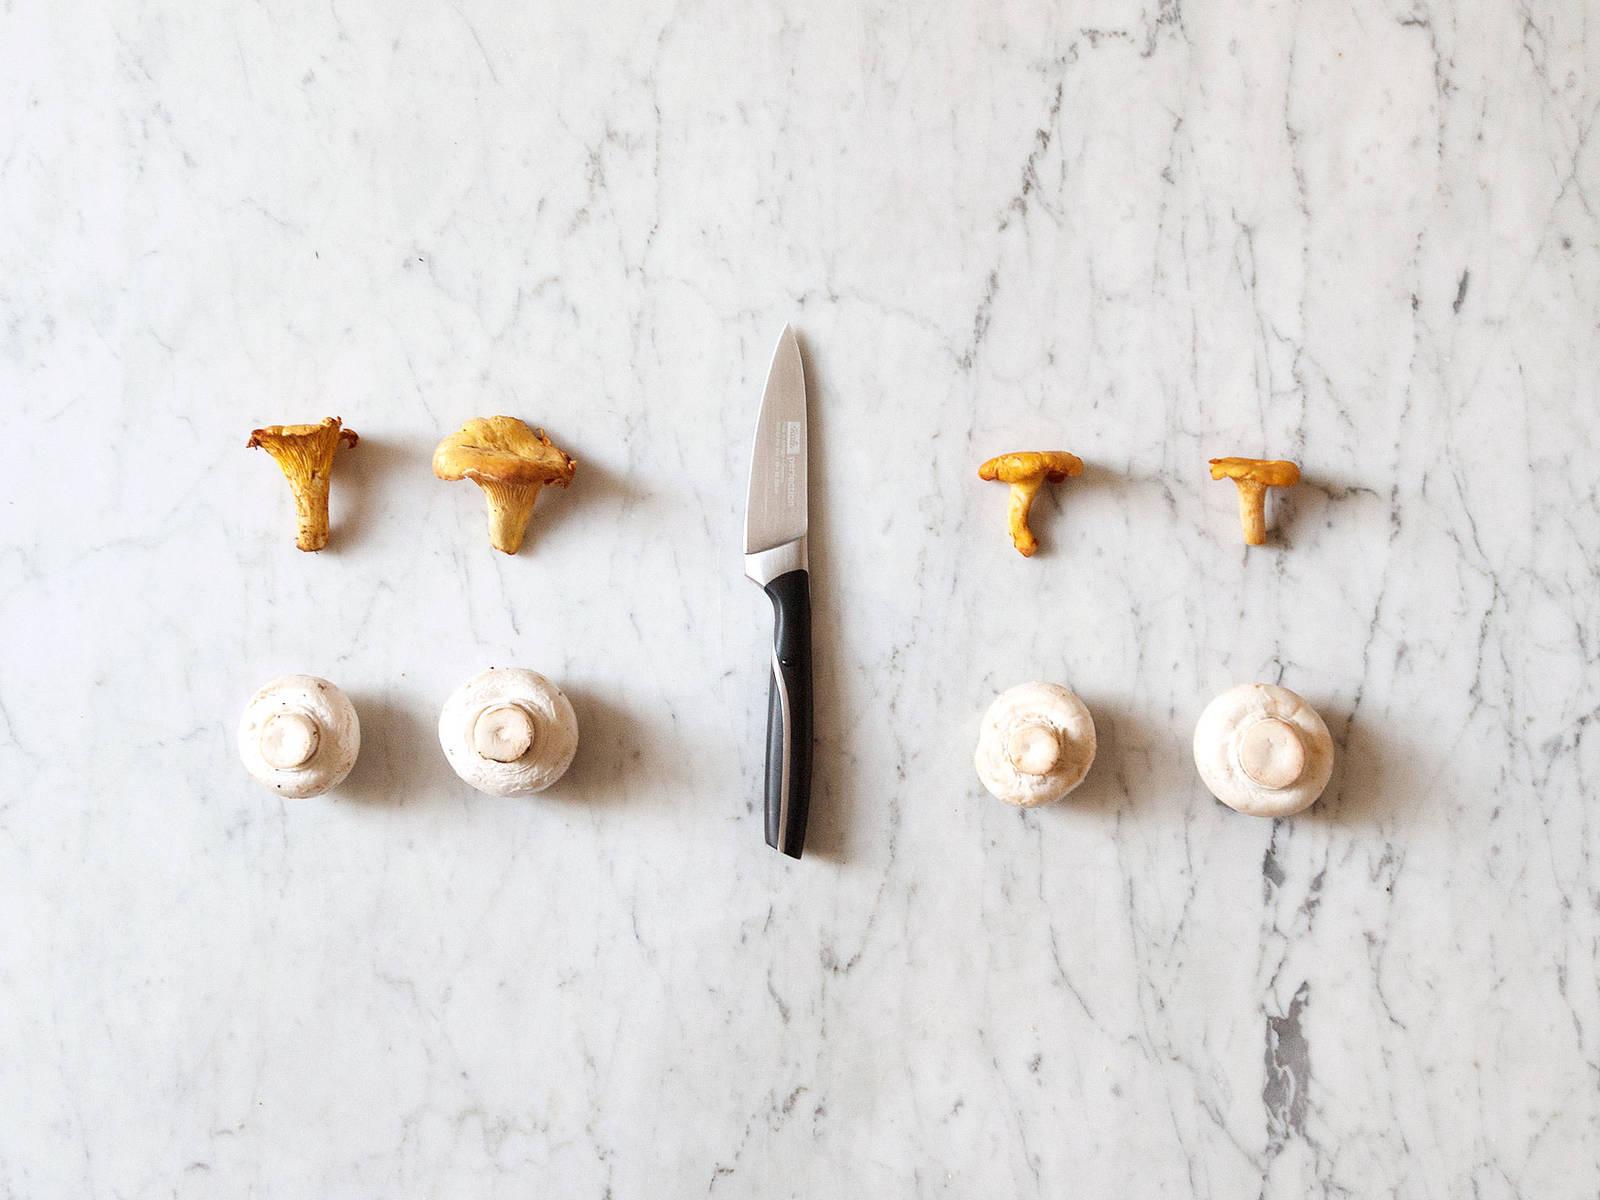 如何清洗蘑菇